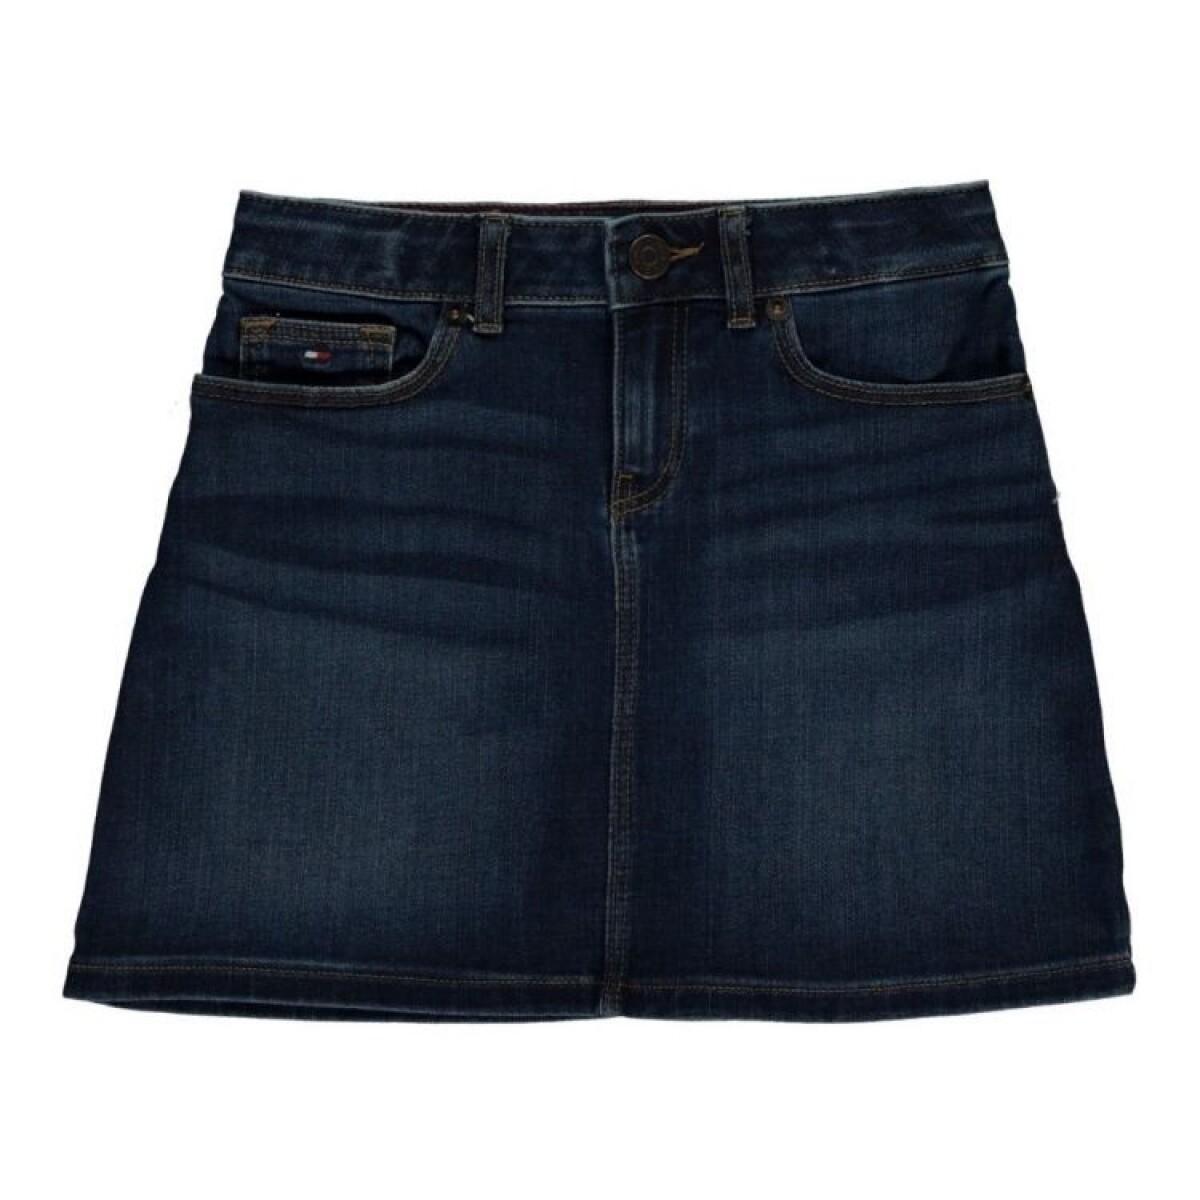 KG0KG04655 jeans